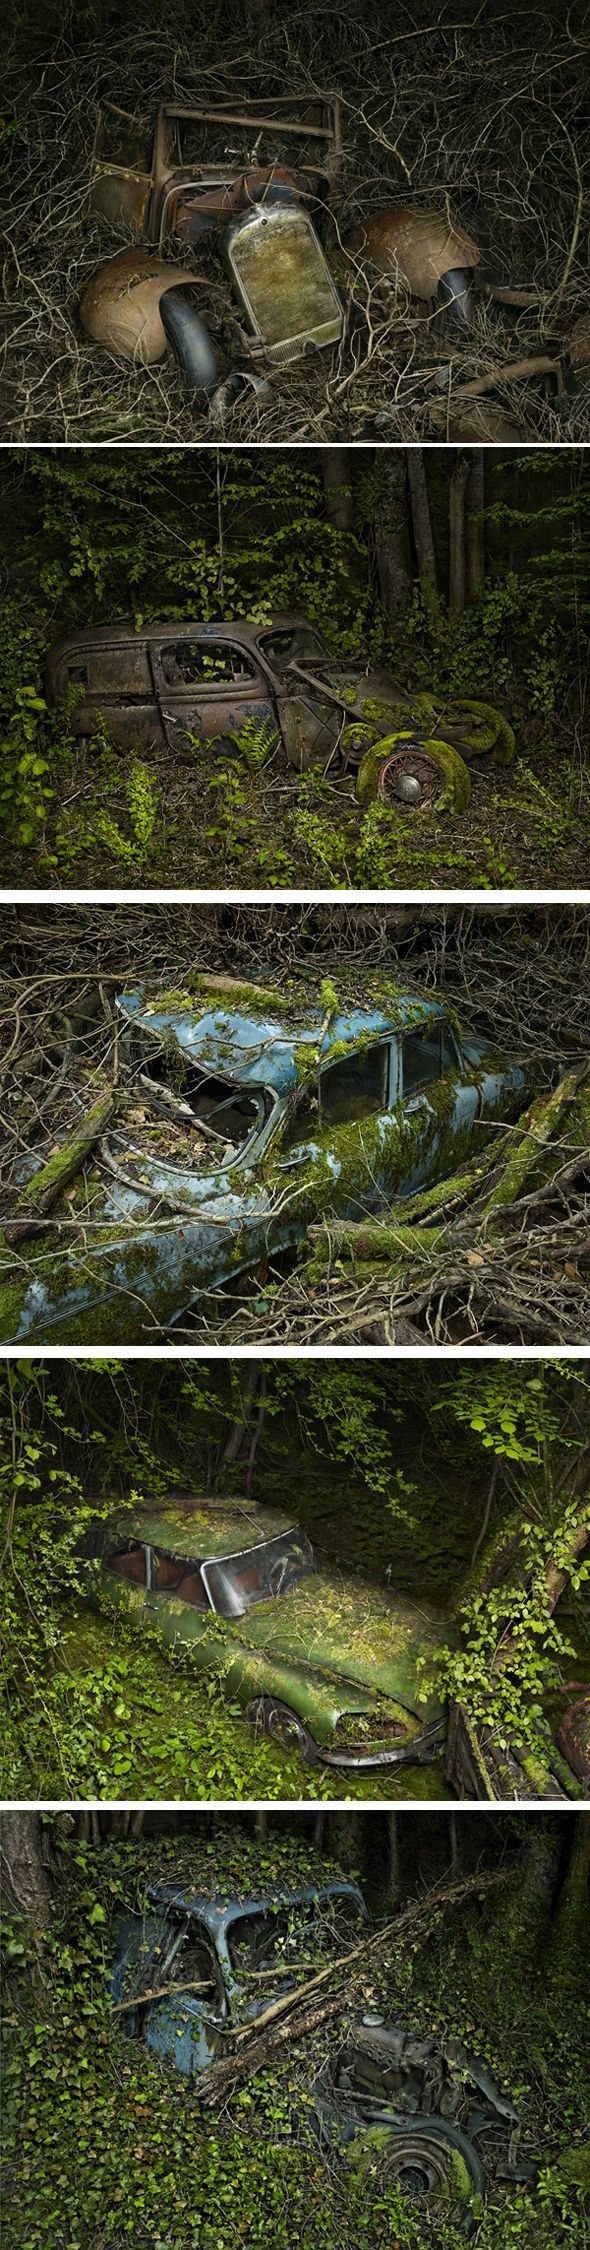 Cimetière de voitures par Peter Lippman